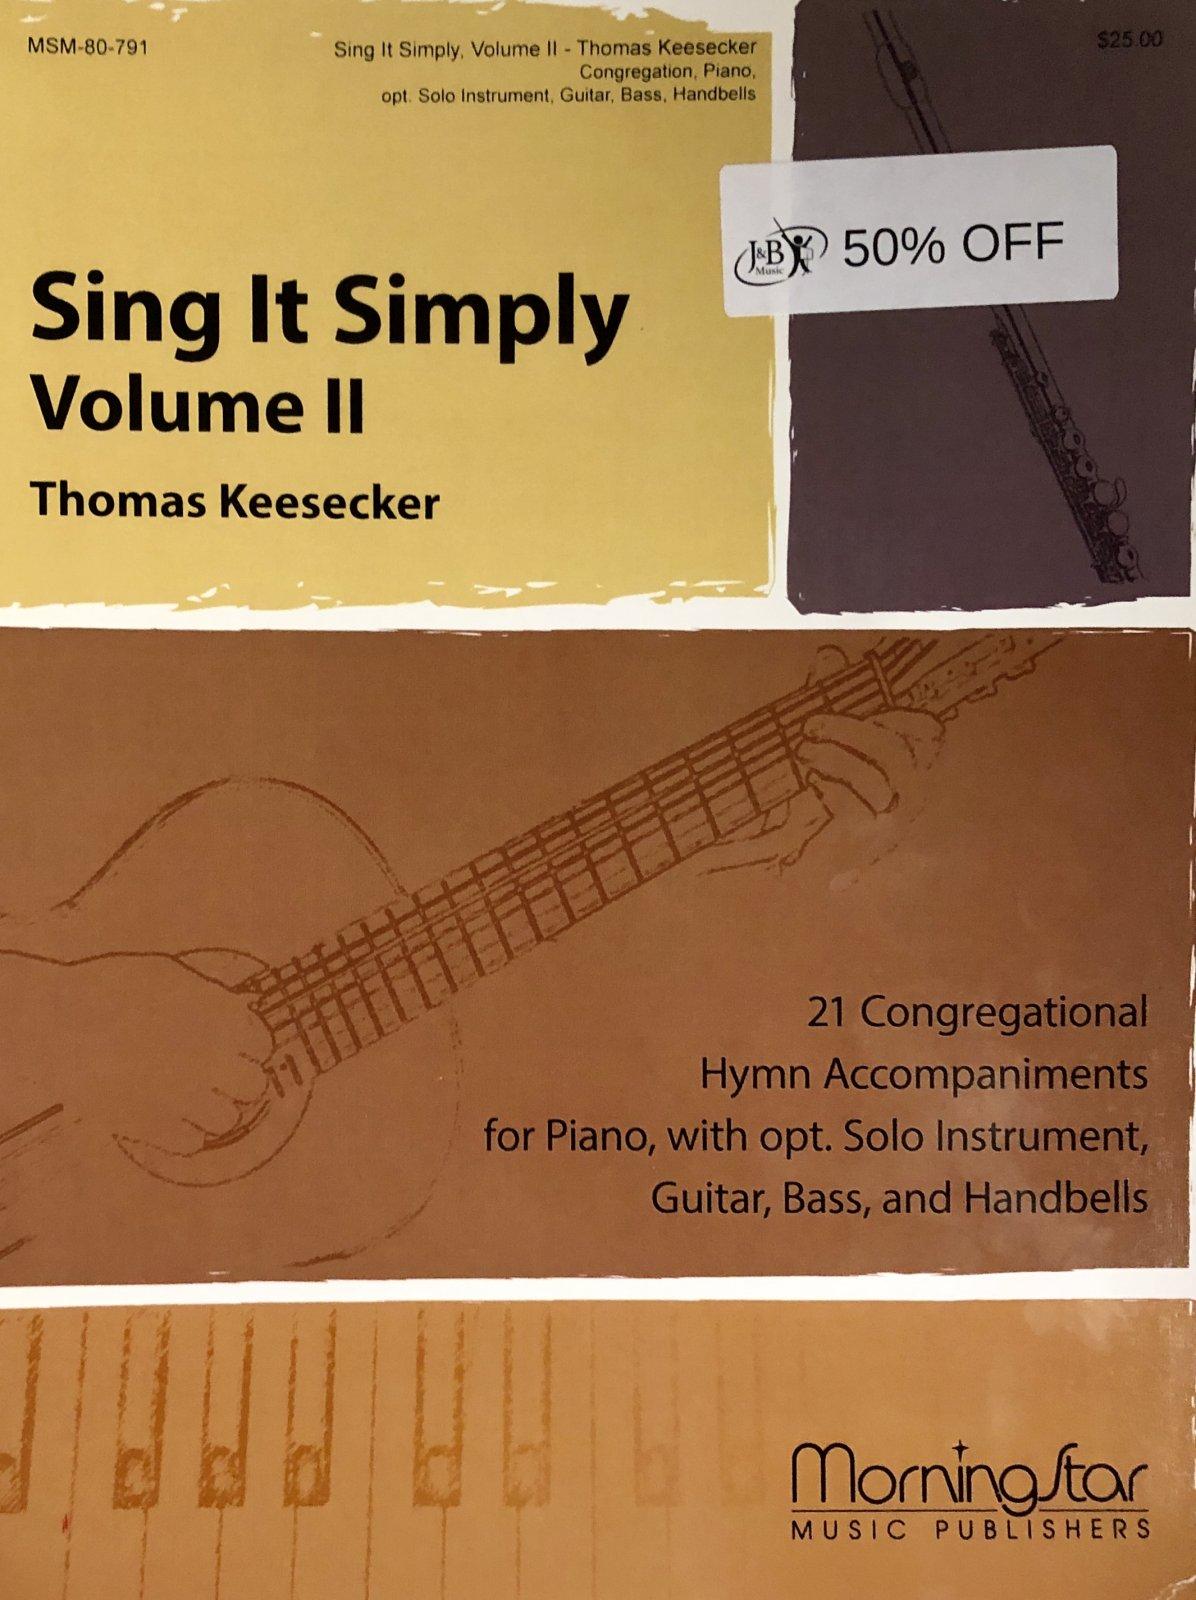 Sing It Simply | Volume II | Thomas Keesecker